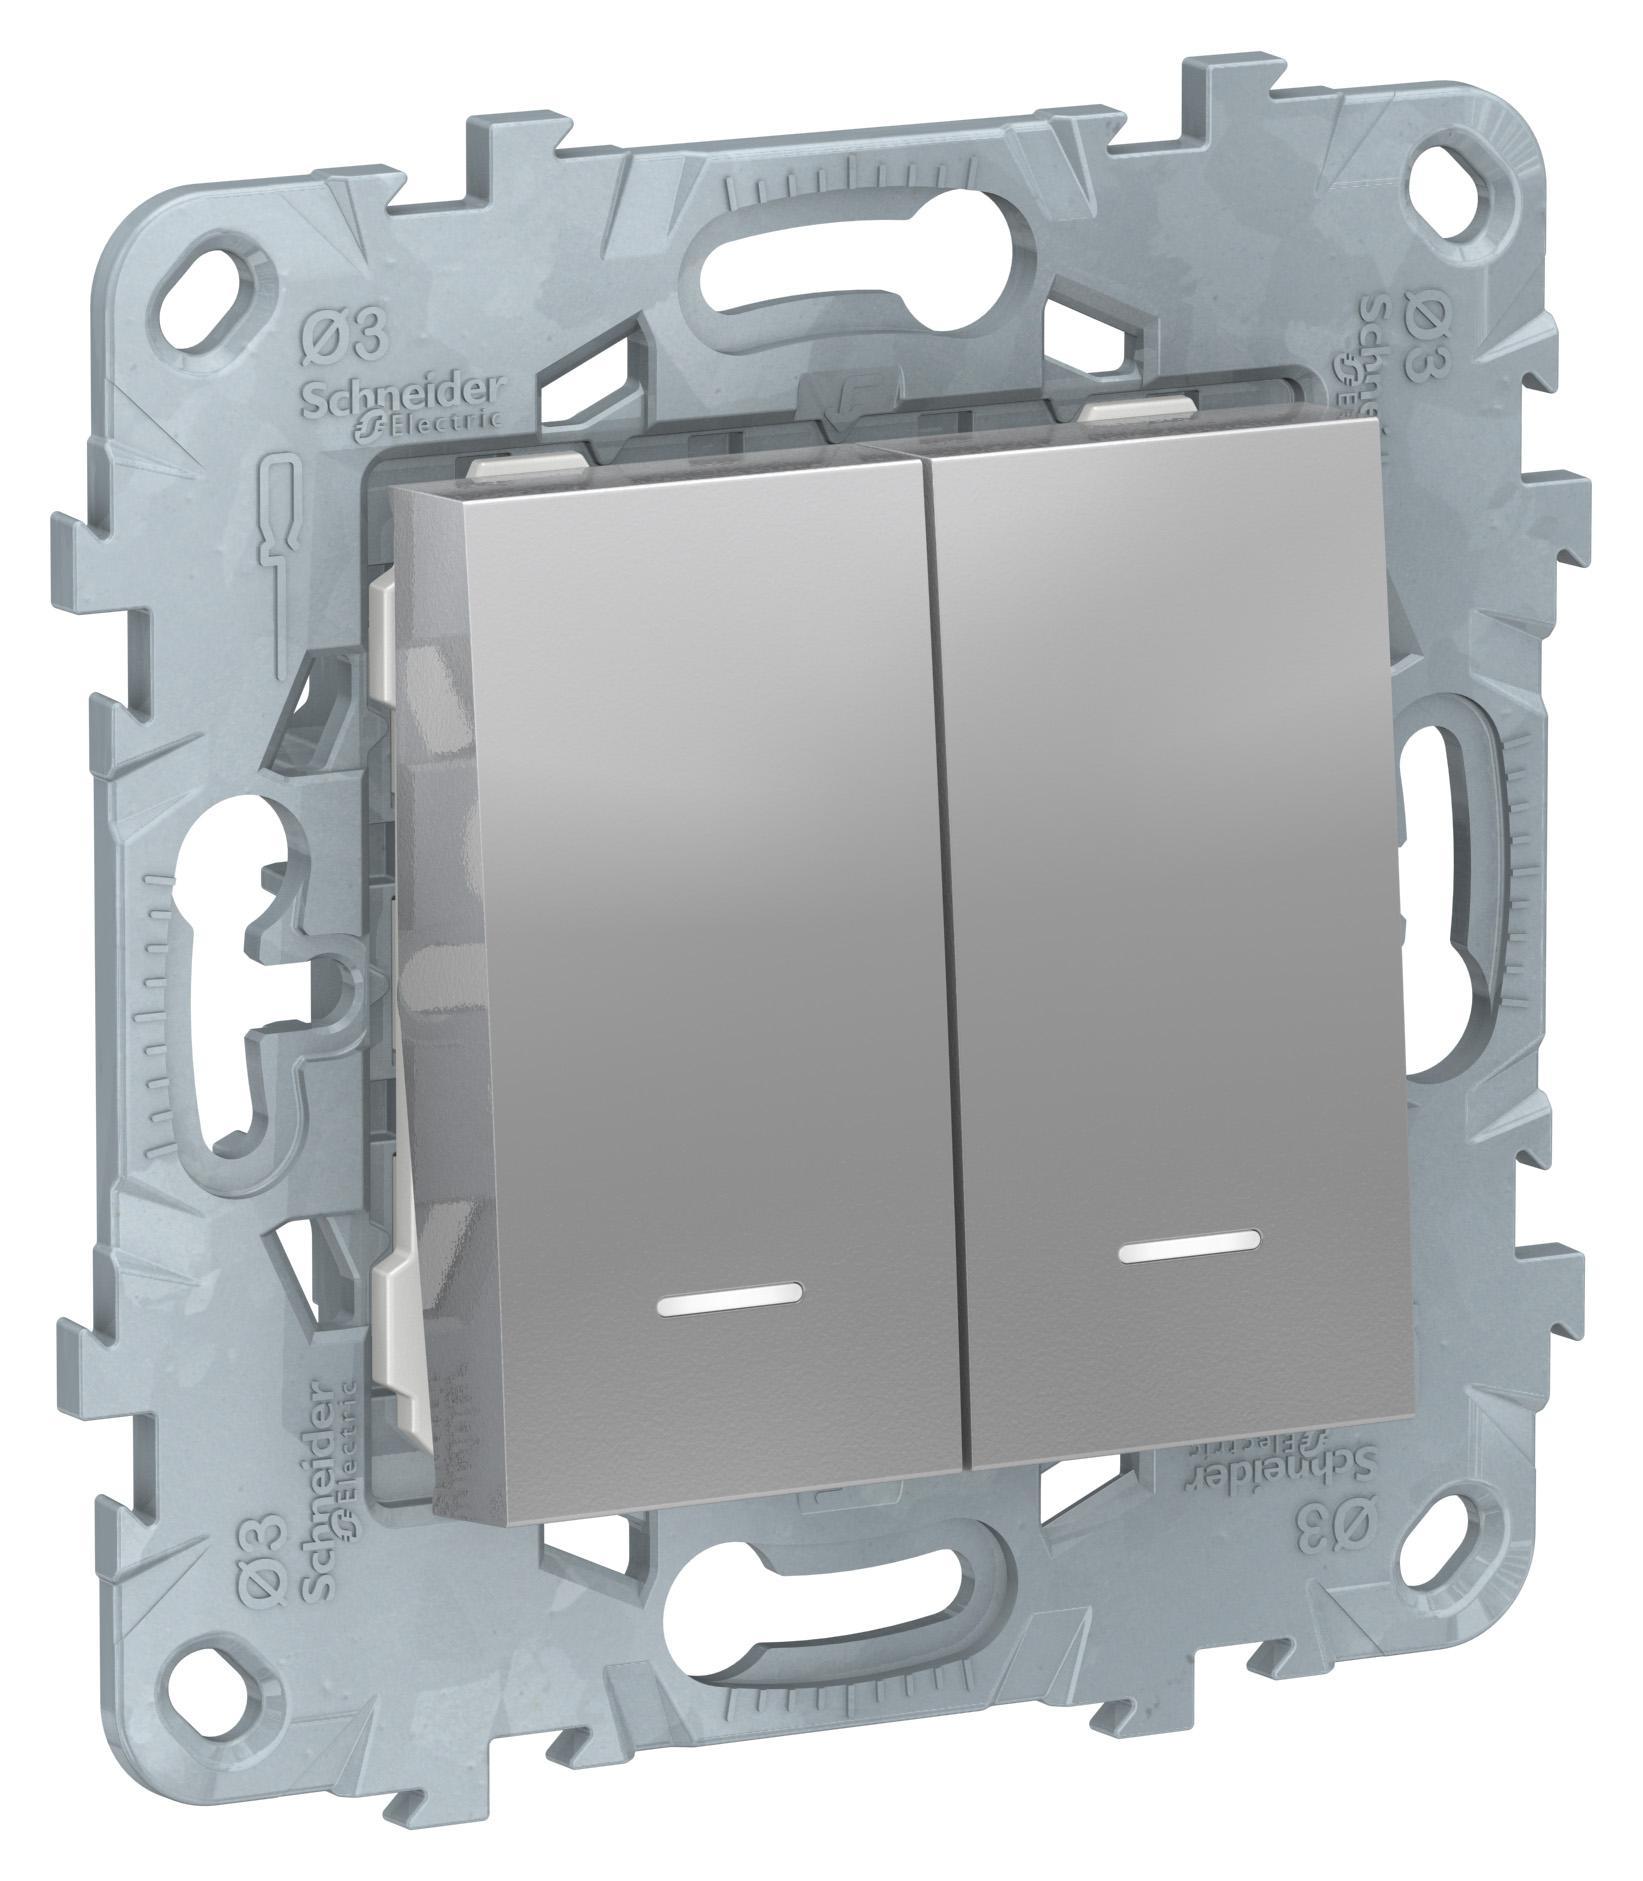 Переключатель Schneider electric Nu521330n